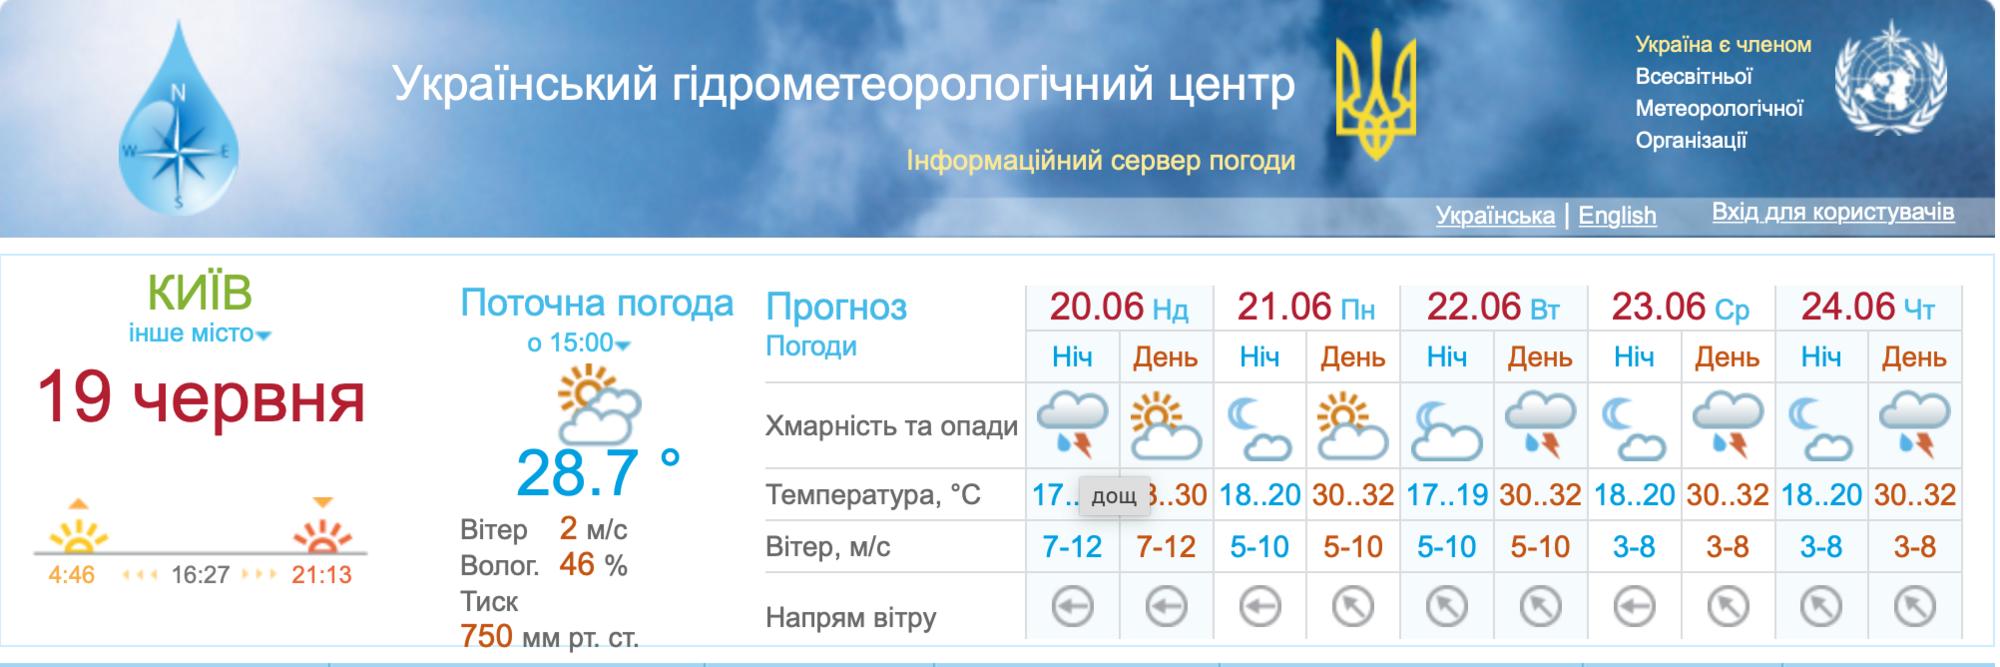 Погода в Киеве.